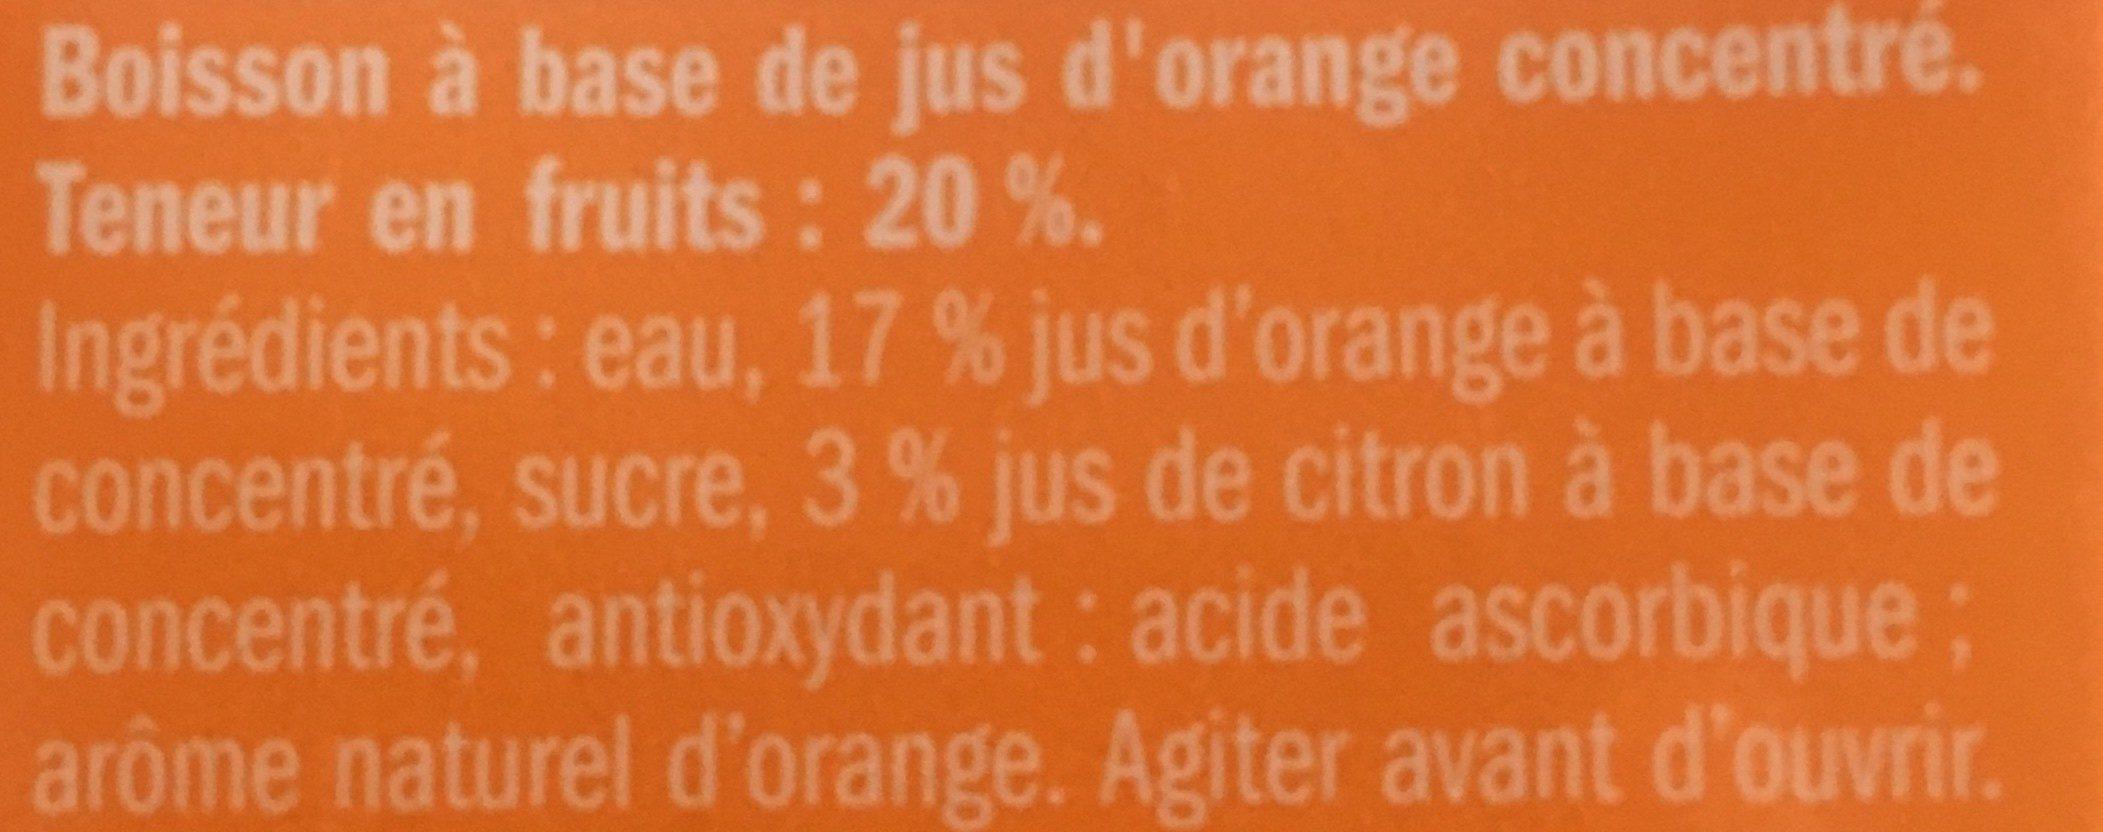 Jus d'orange solevita - Inhaltsstoffe - fr